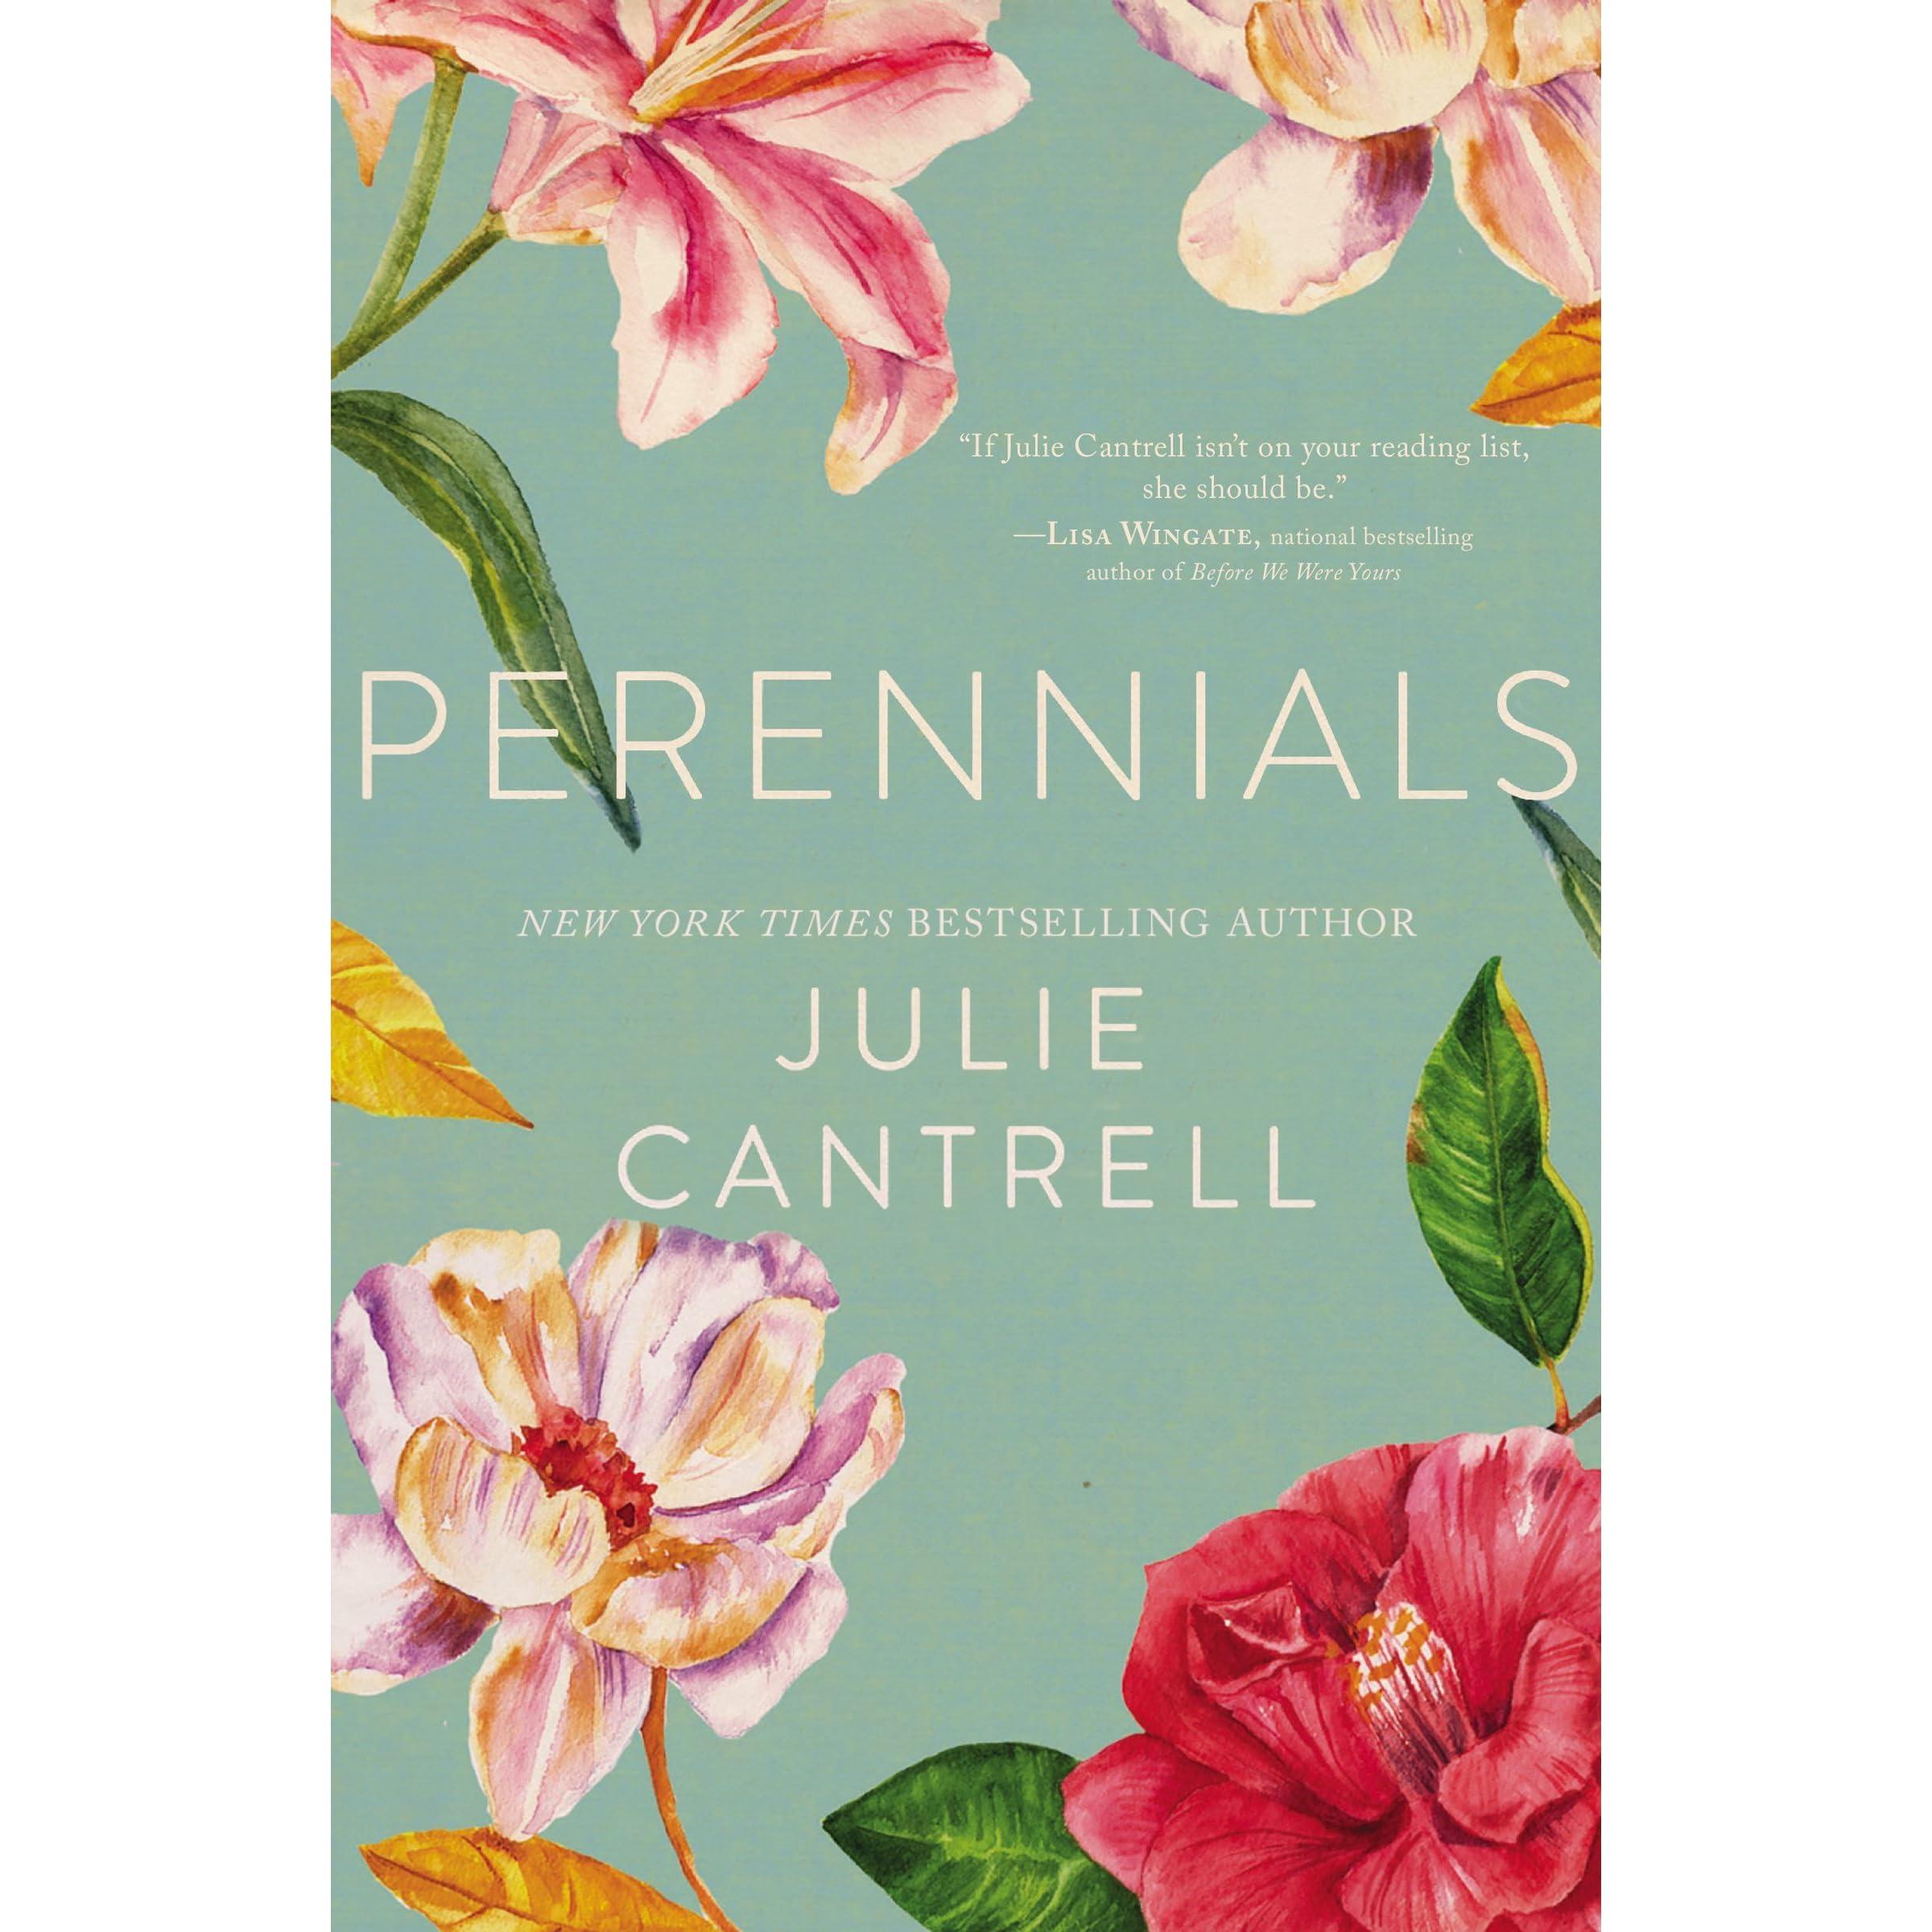 c148d1d506a Perennials by Julie Cantrell